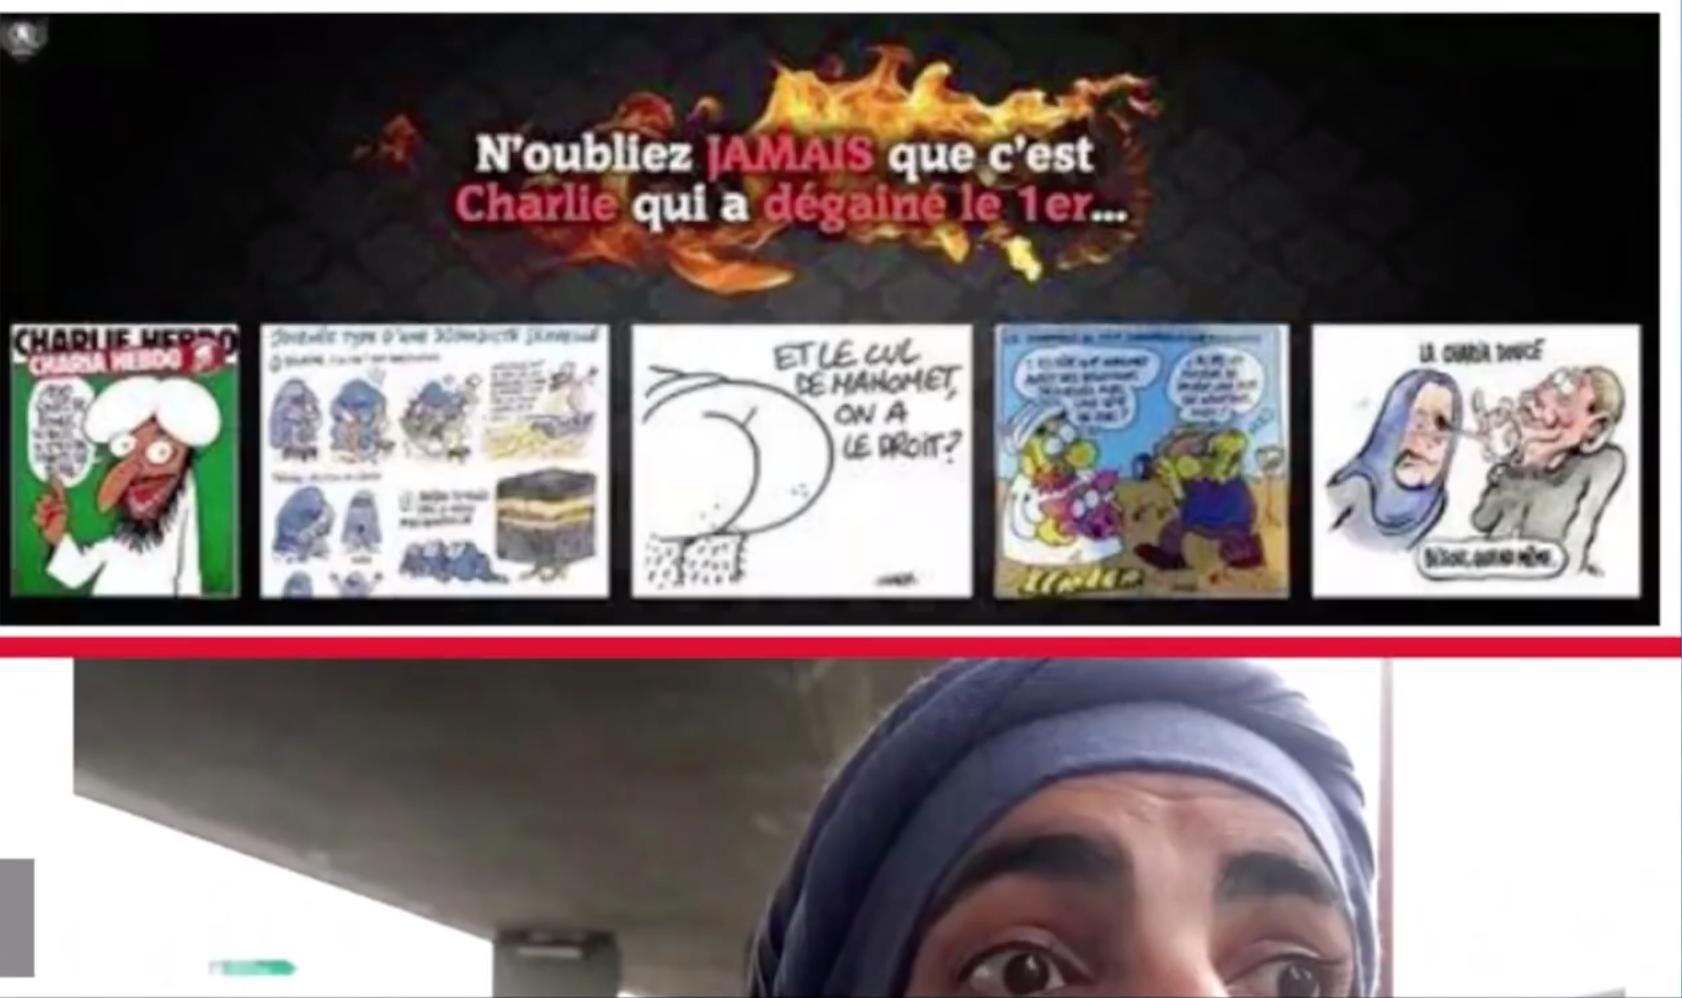 Zineb : la porte-parole d'Alliance citoyenne est une islamiste justifiant le massacre  de Charlie Hebdo